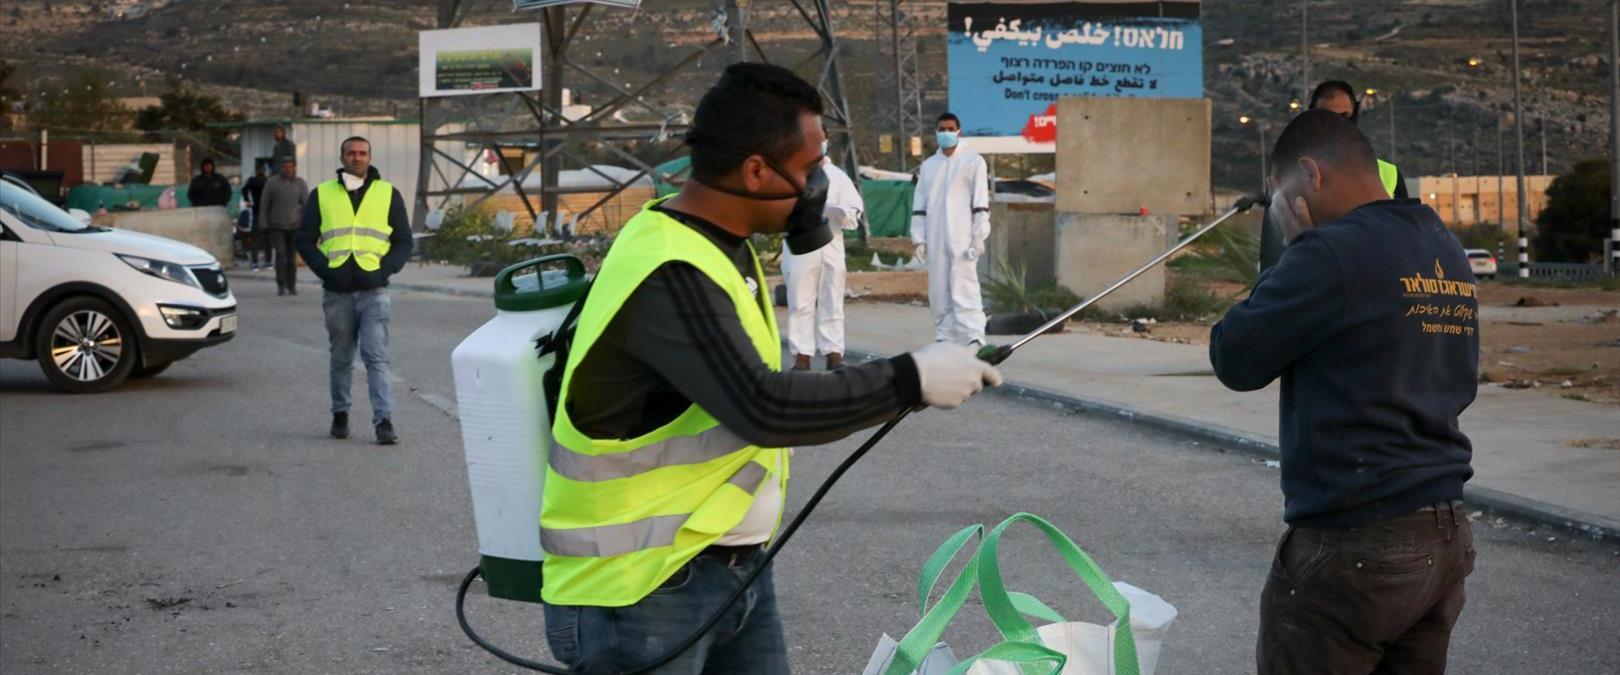 פועל פלסטיני עובר חיטוי בשובו מישראל, בכניסה לכפר